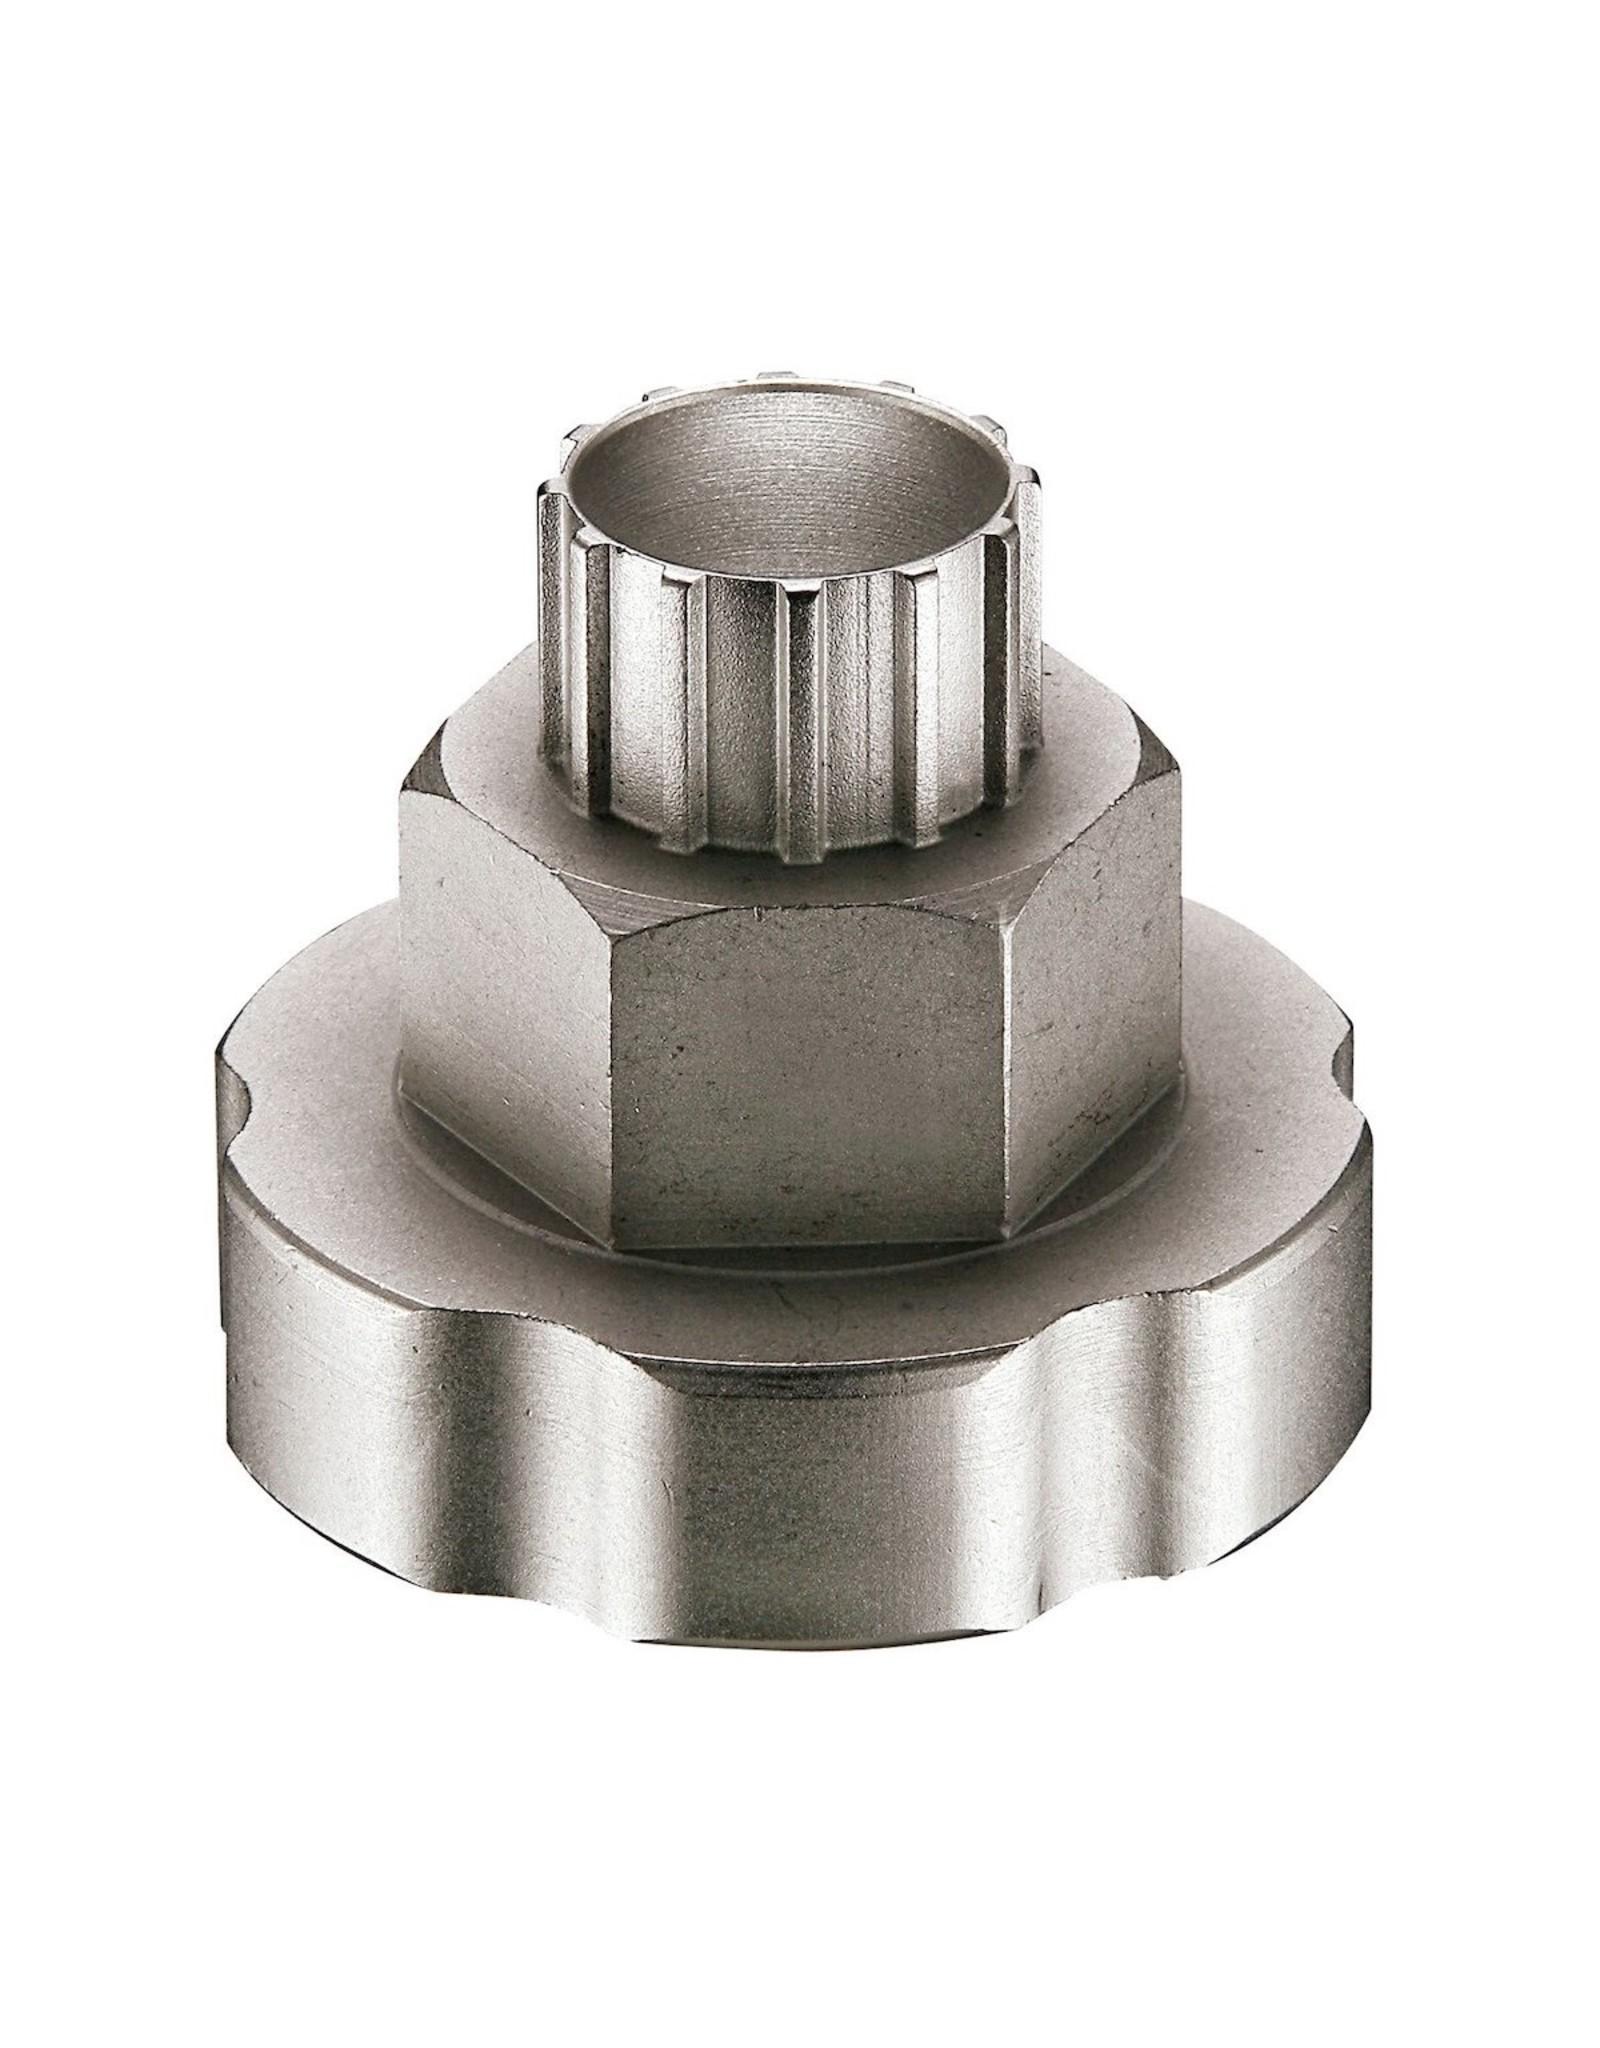 Lezyne Lezyne External Bottom Bracket and Cassette Lock Ring Tool